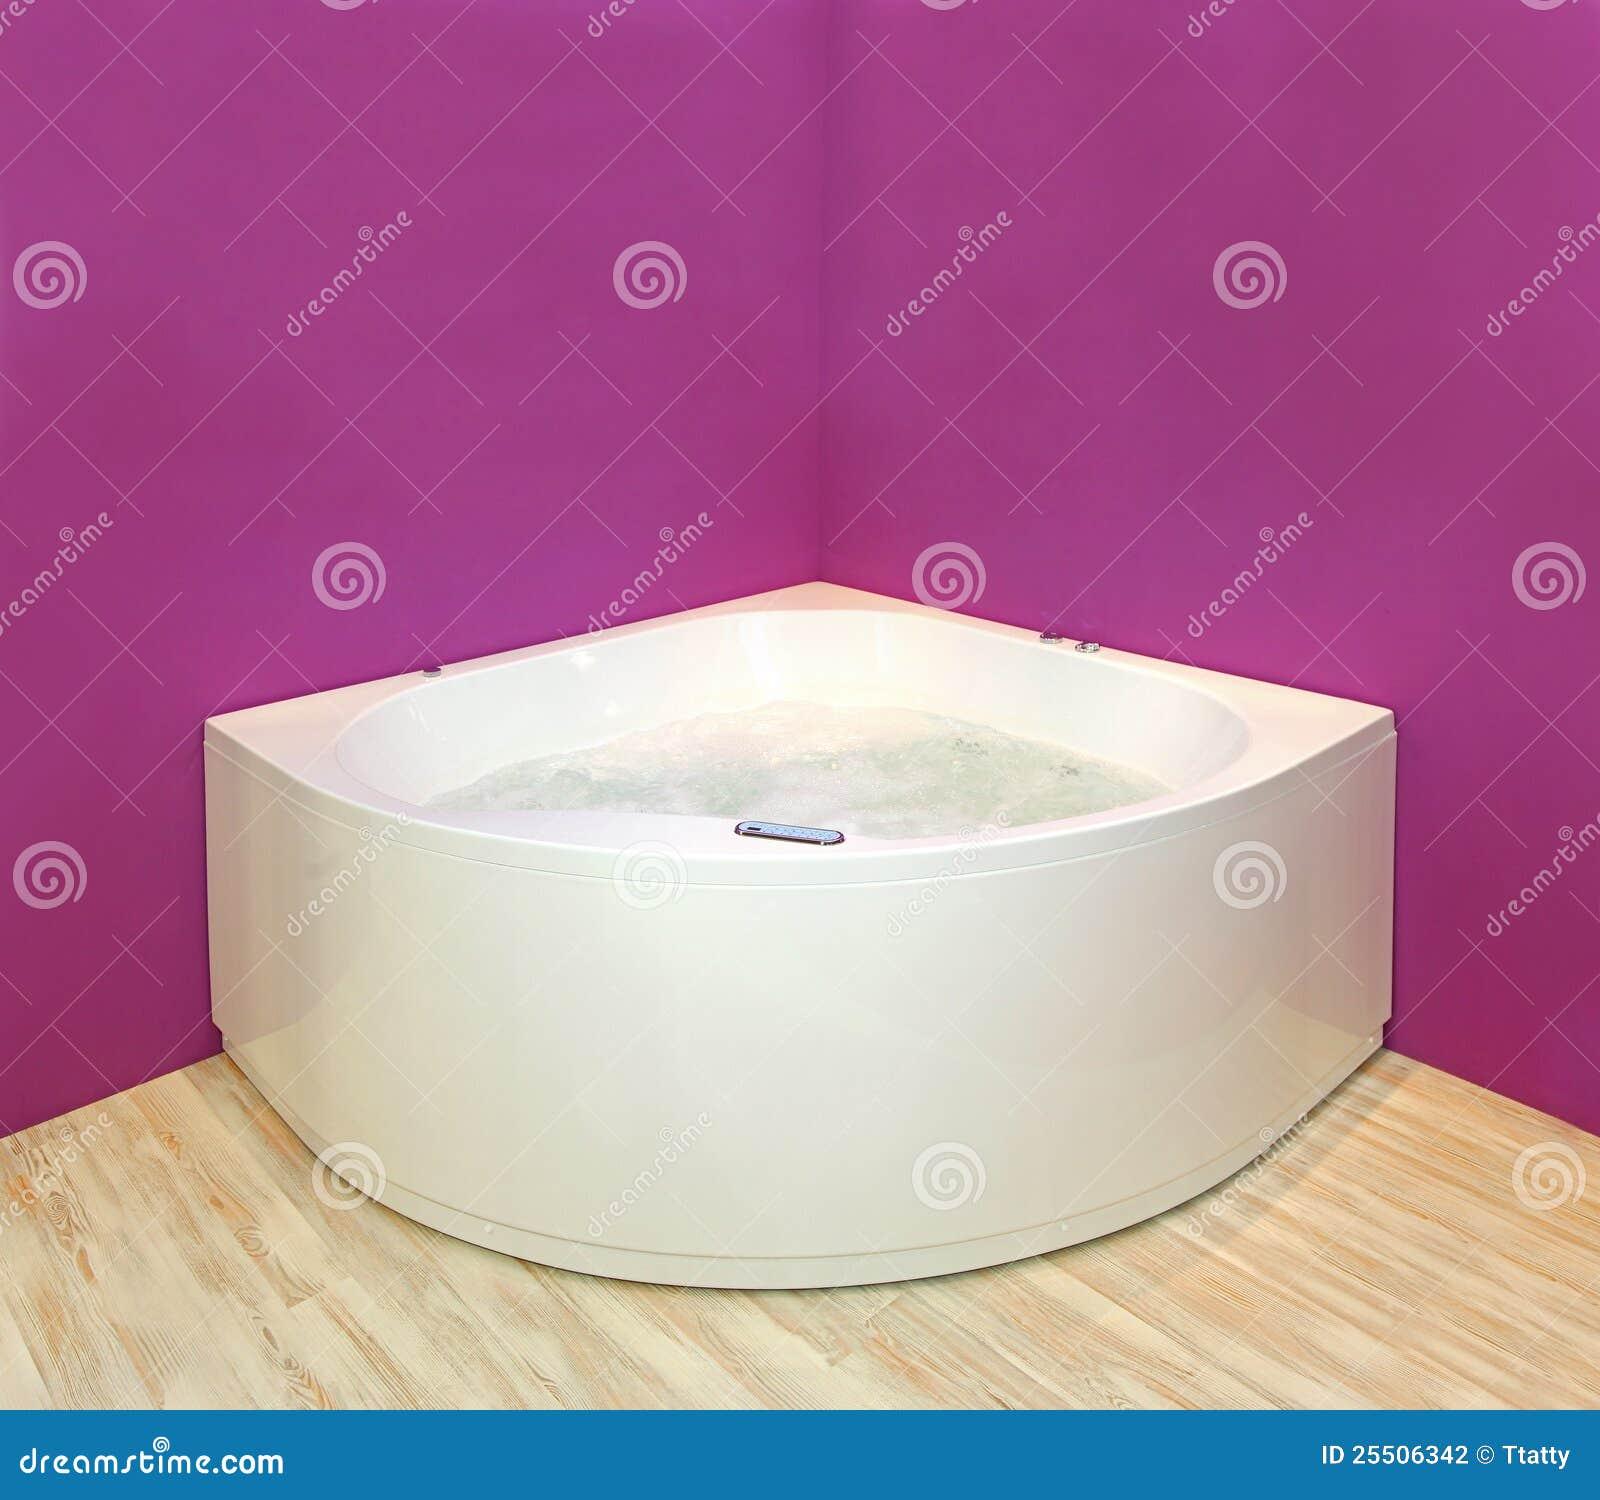 De badkuip van de hoek stock fotografie afbeelding 25506342 - Sofa van de hoek uitstekende ...